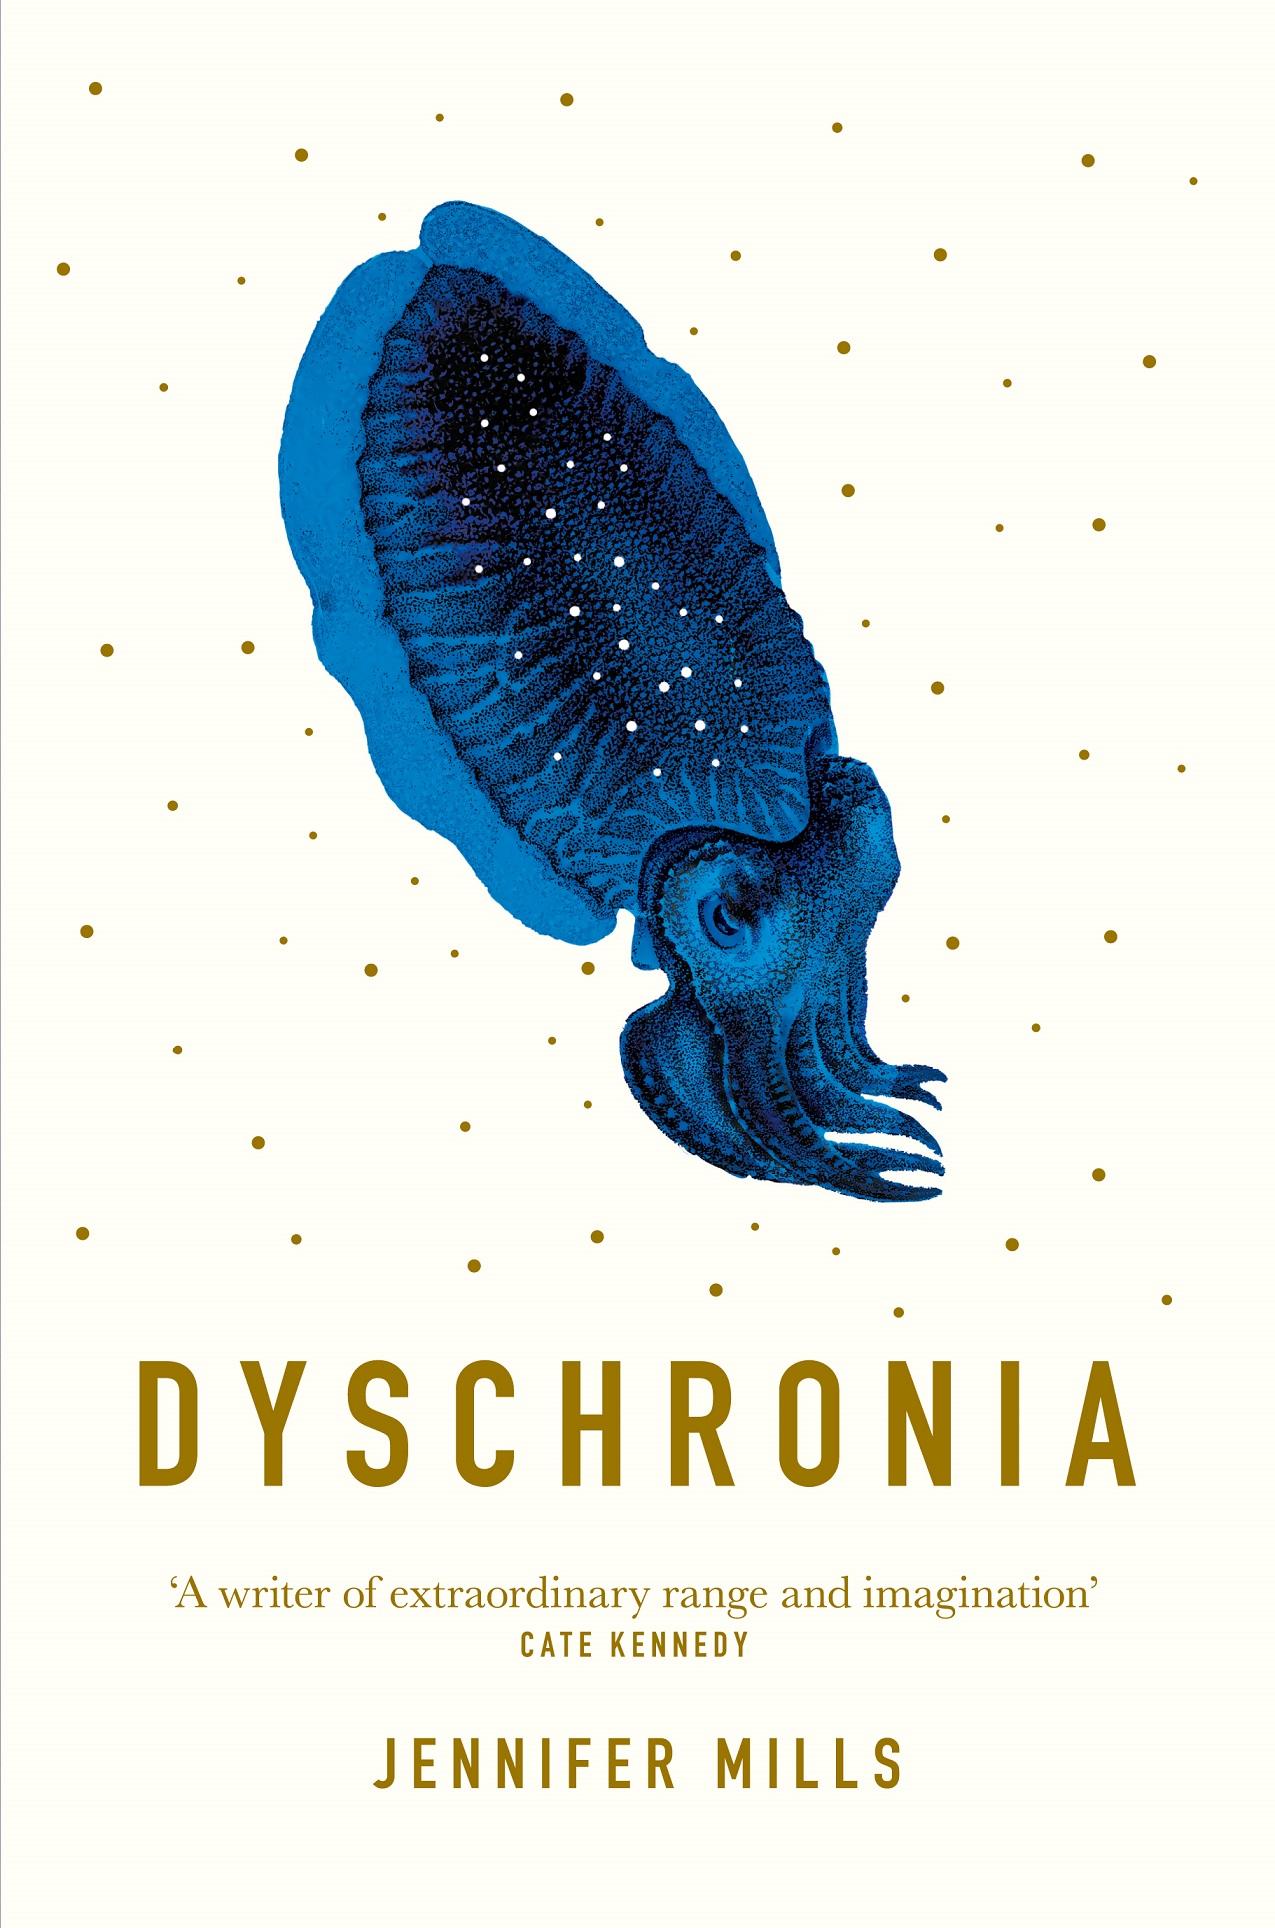 LH_dyschronia_1